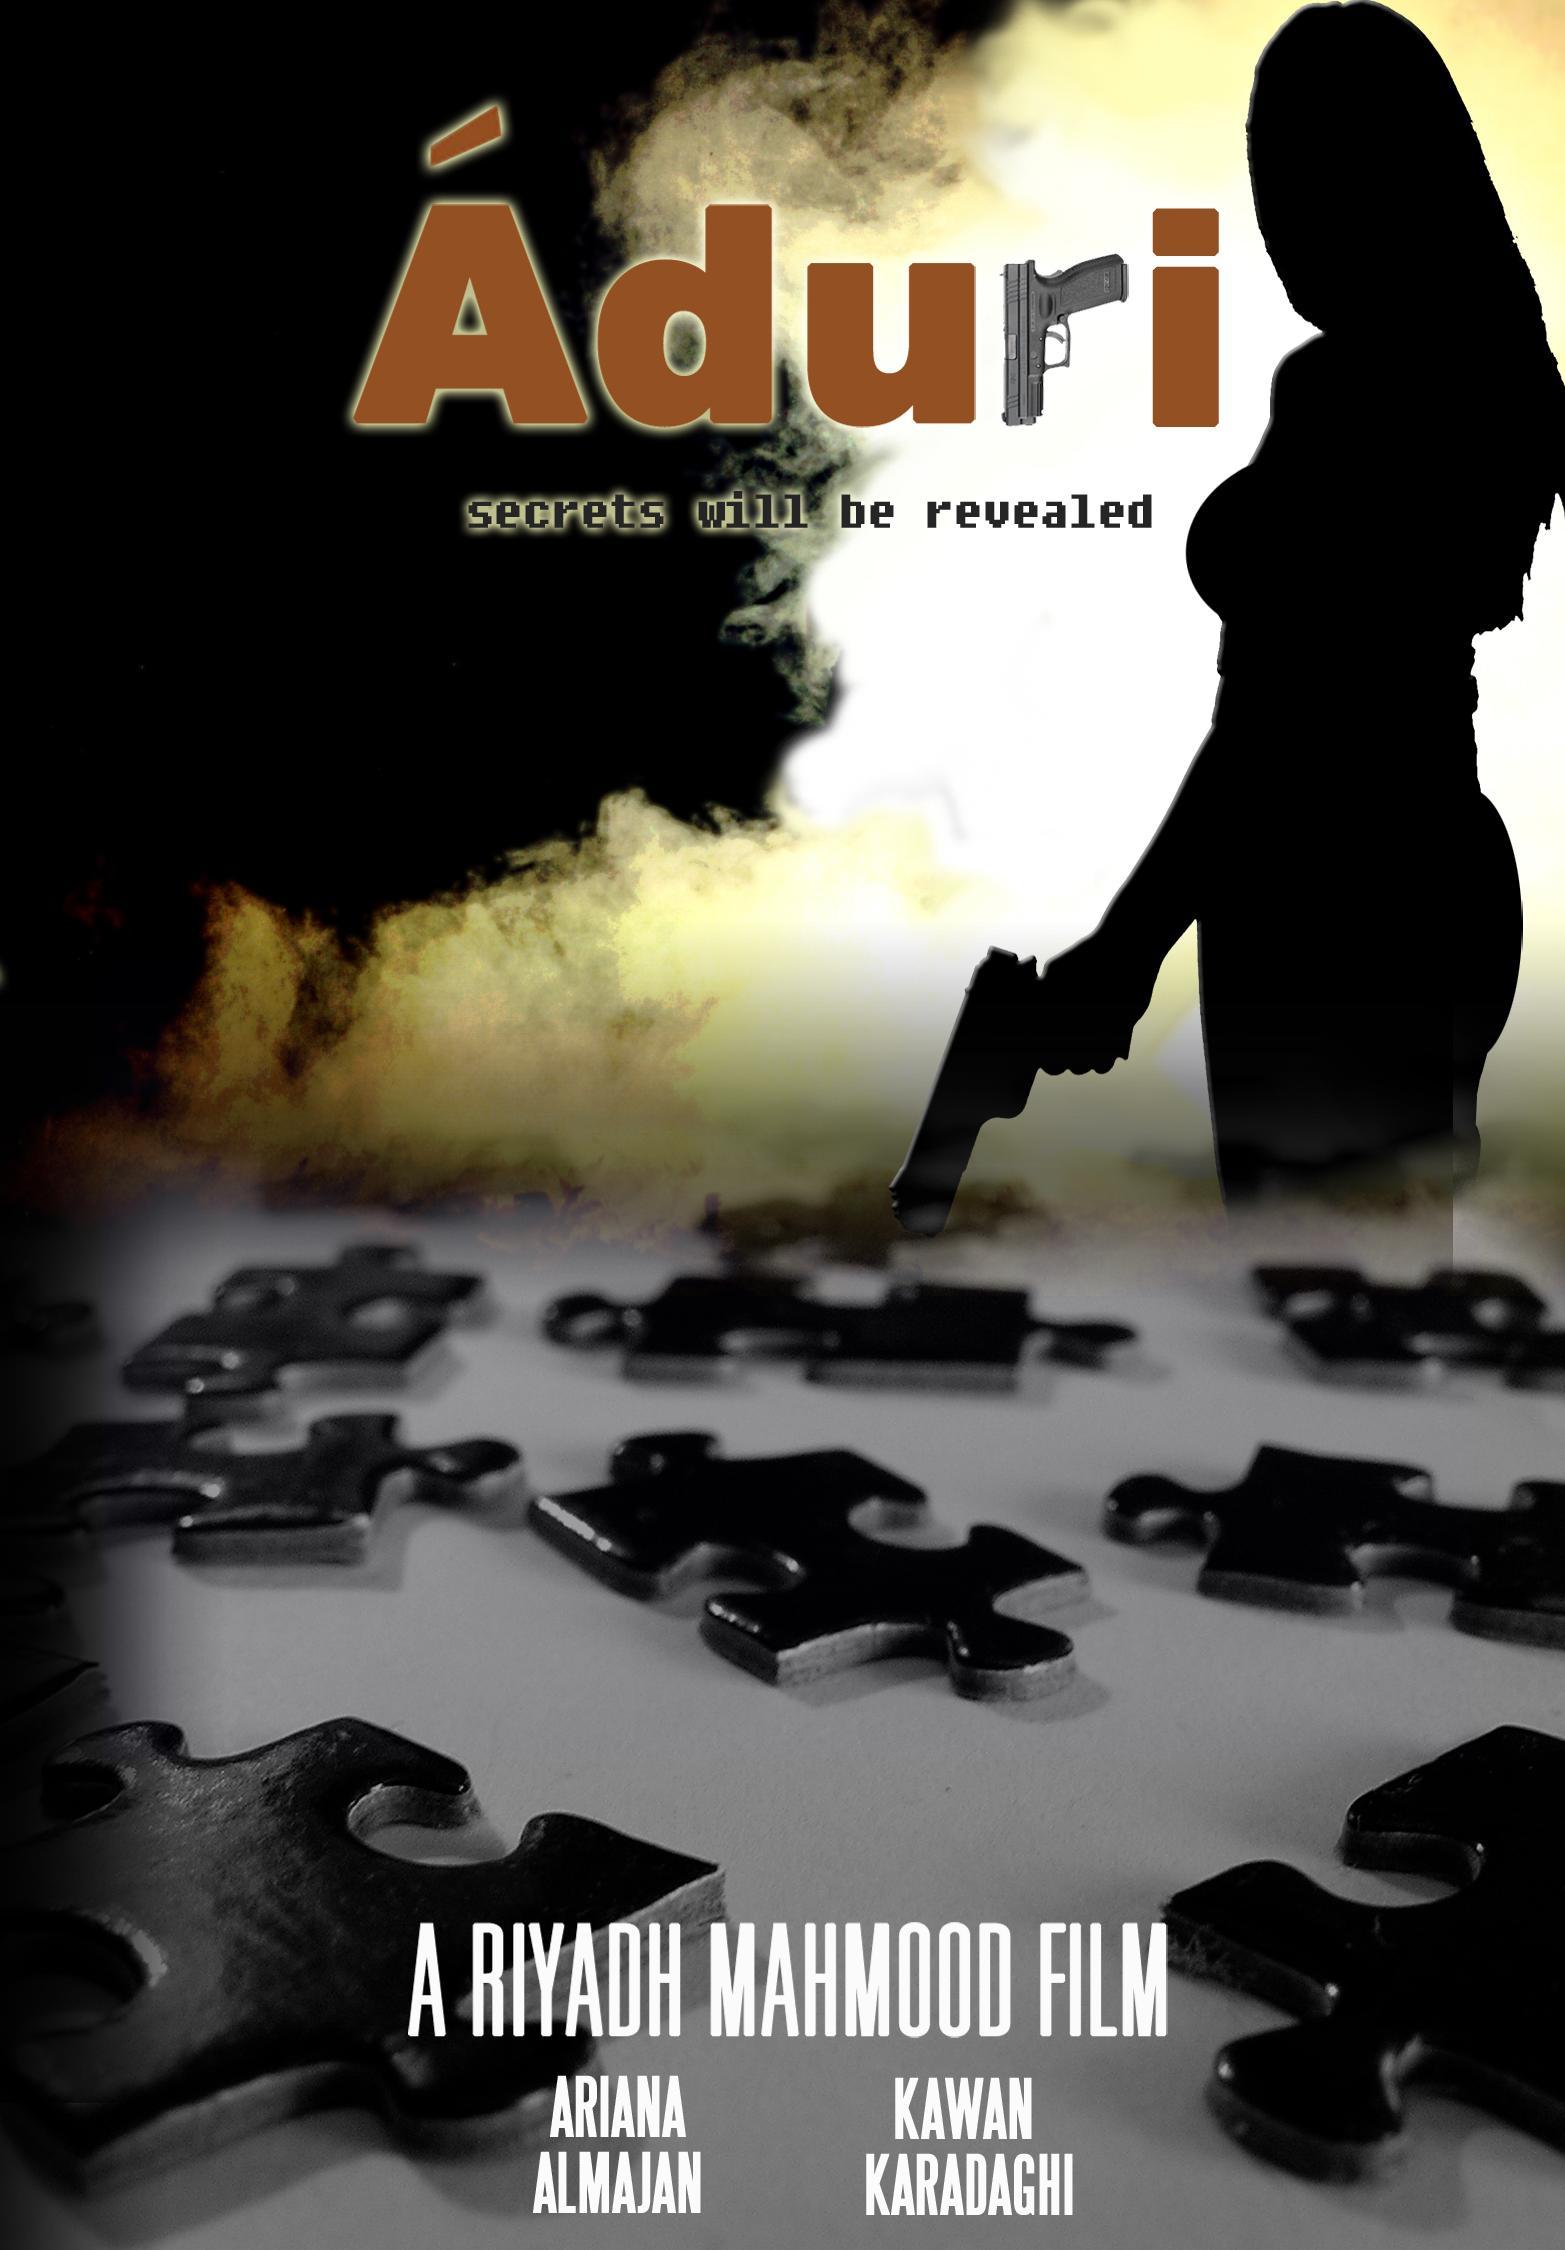 Aduri (2008)